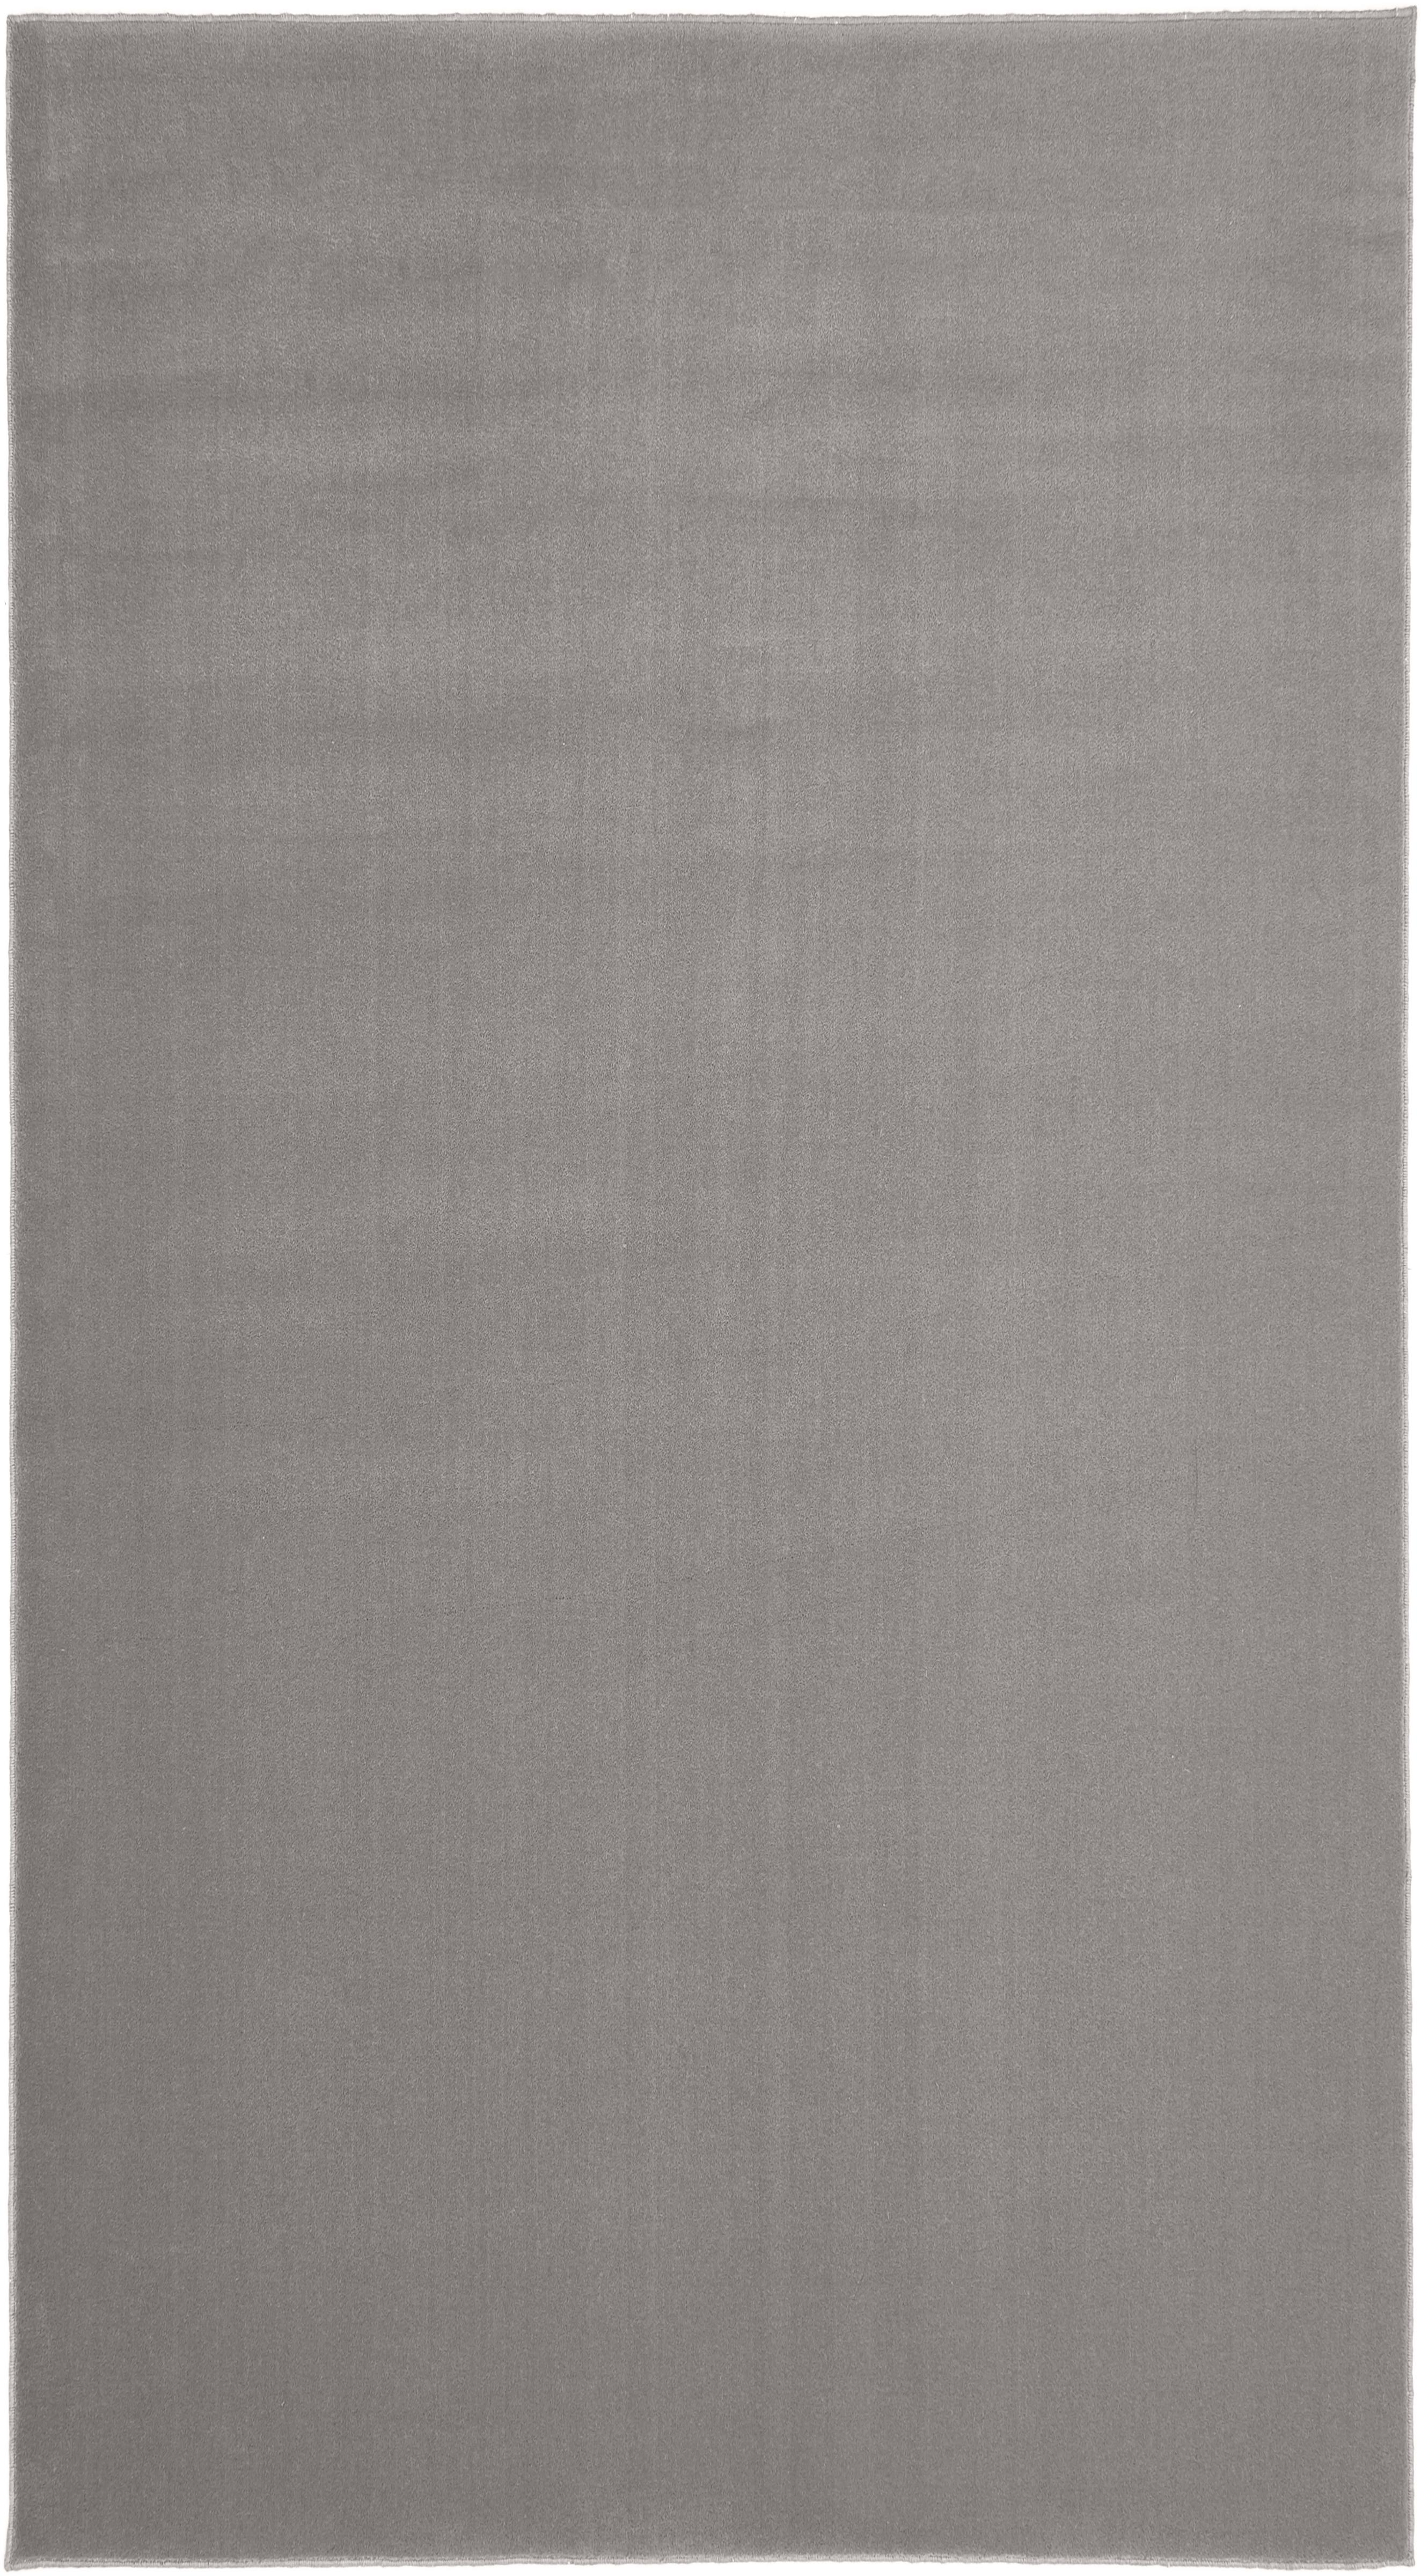 Wollteppich Ida in Grau, Flor: 100% Wolle, Grau, B 60 x L 110 cm (Größe XS)